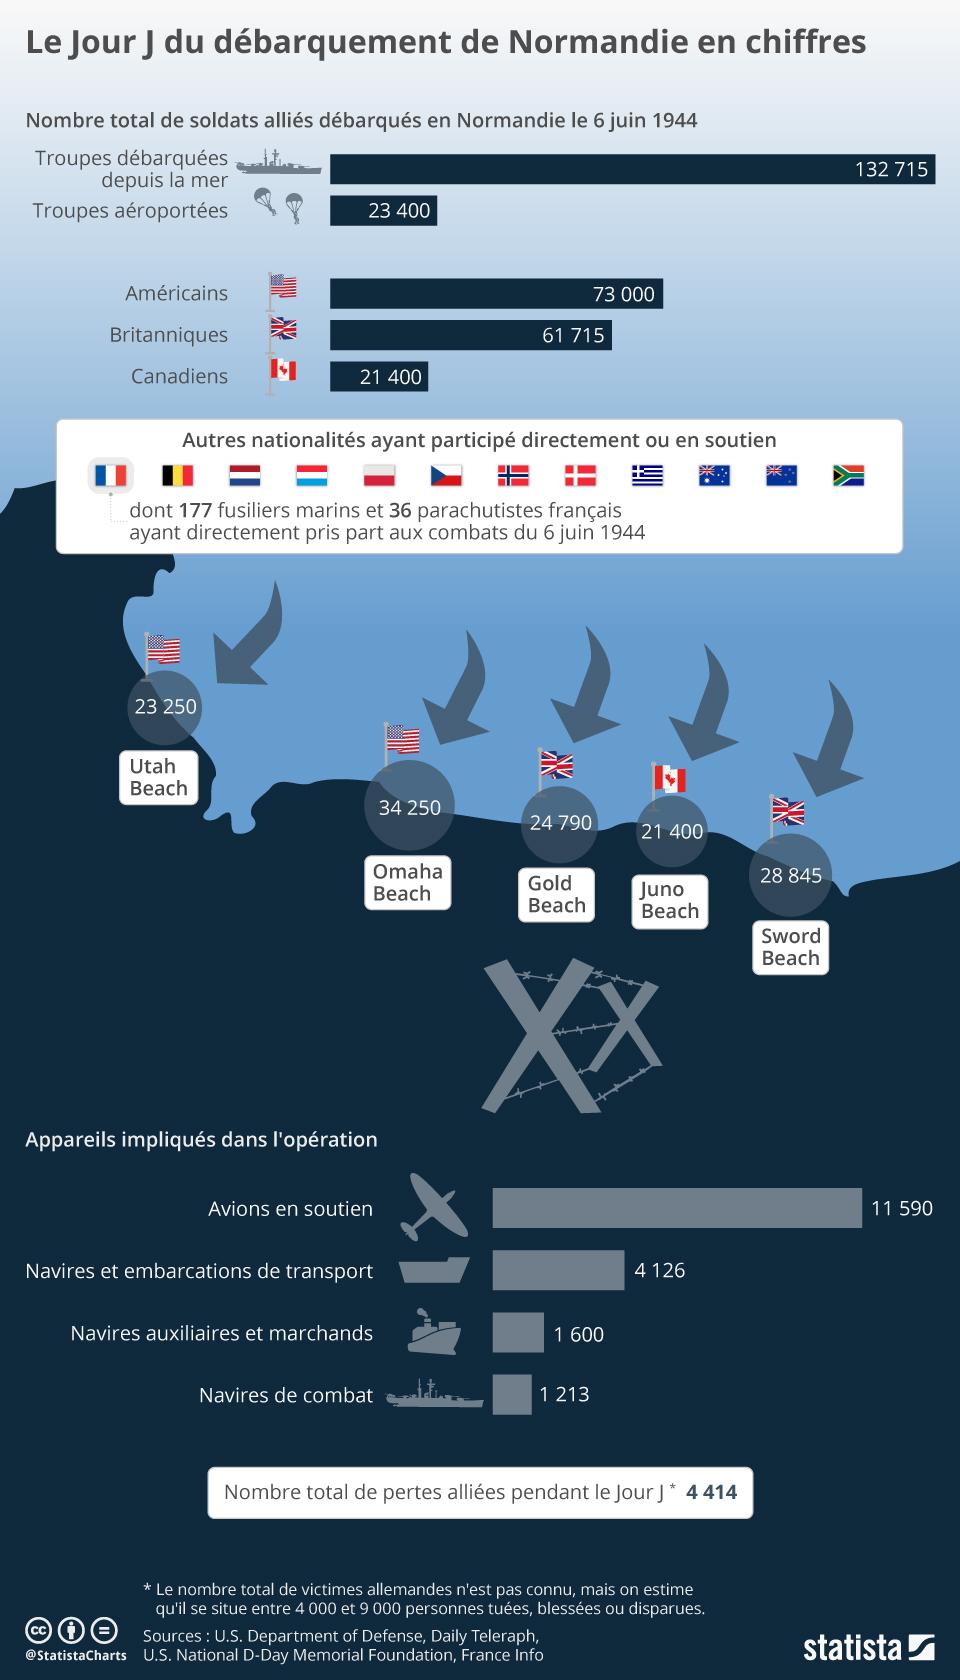 Infographie: Le Jour J du débarquement de Normandie en chiffres   Statista